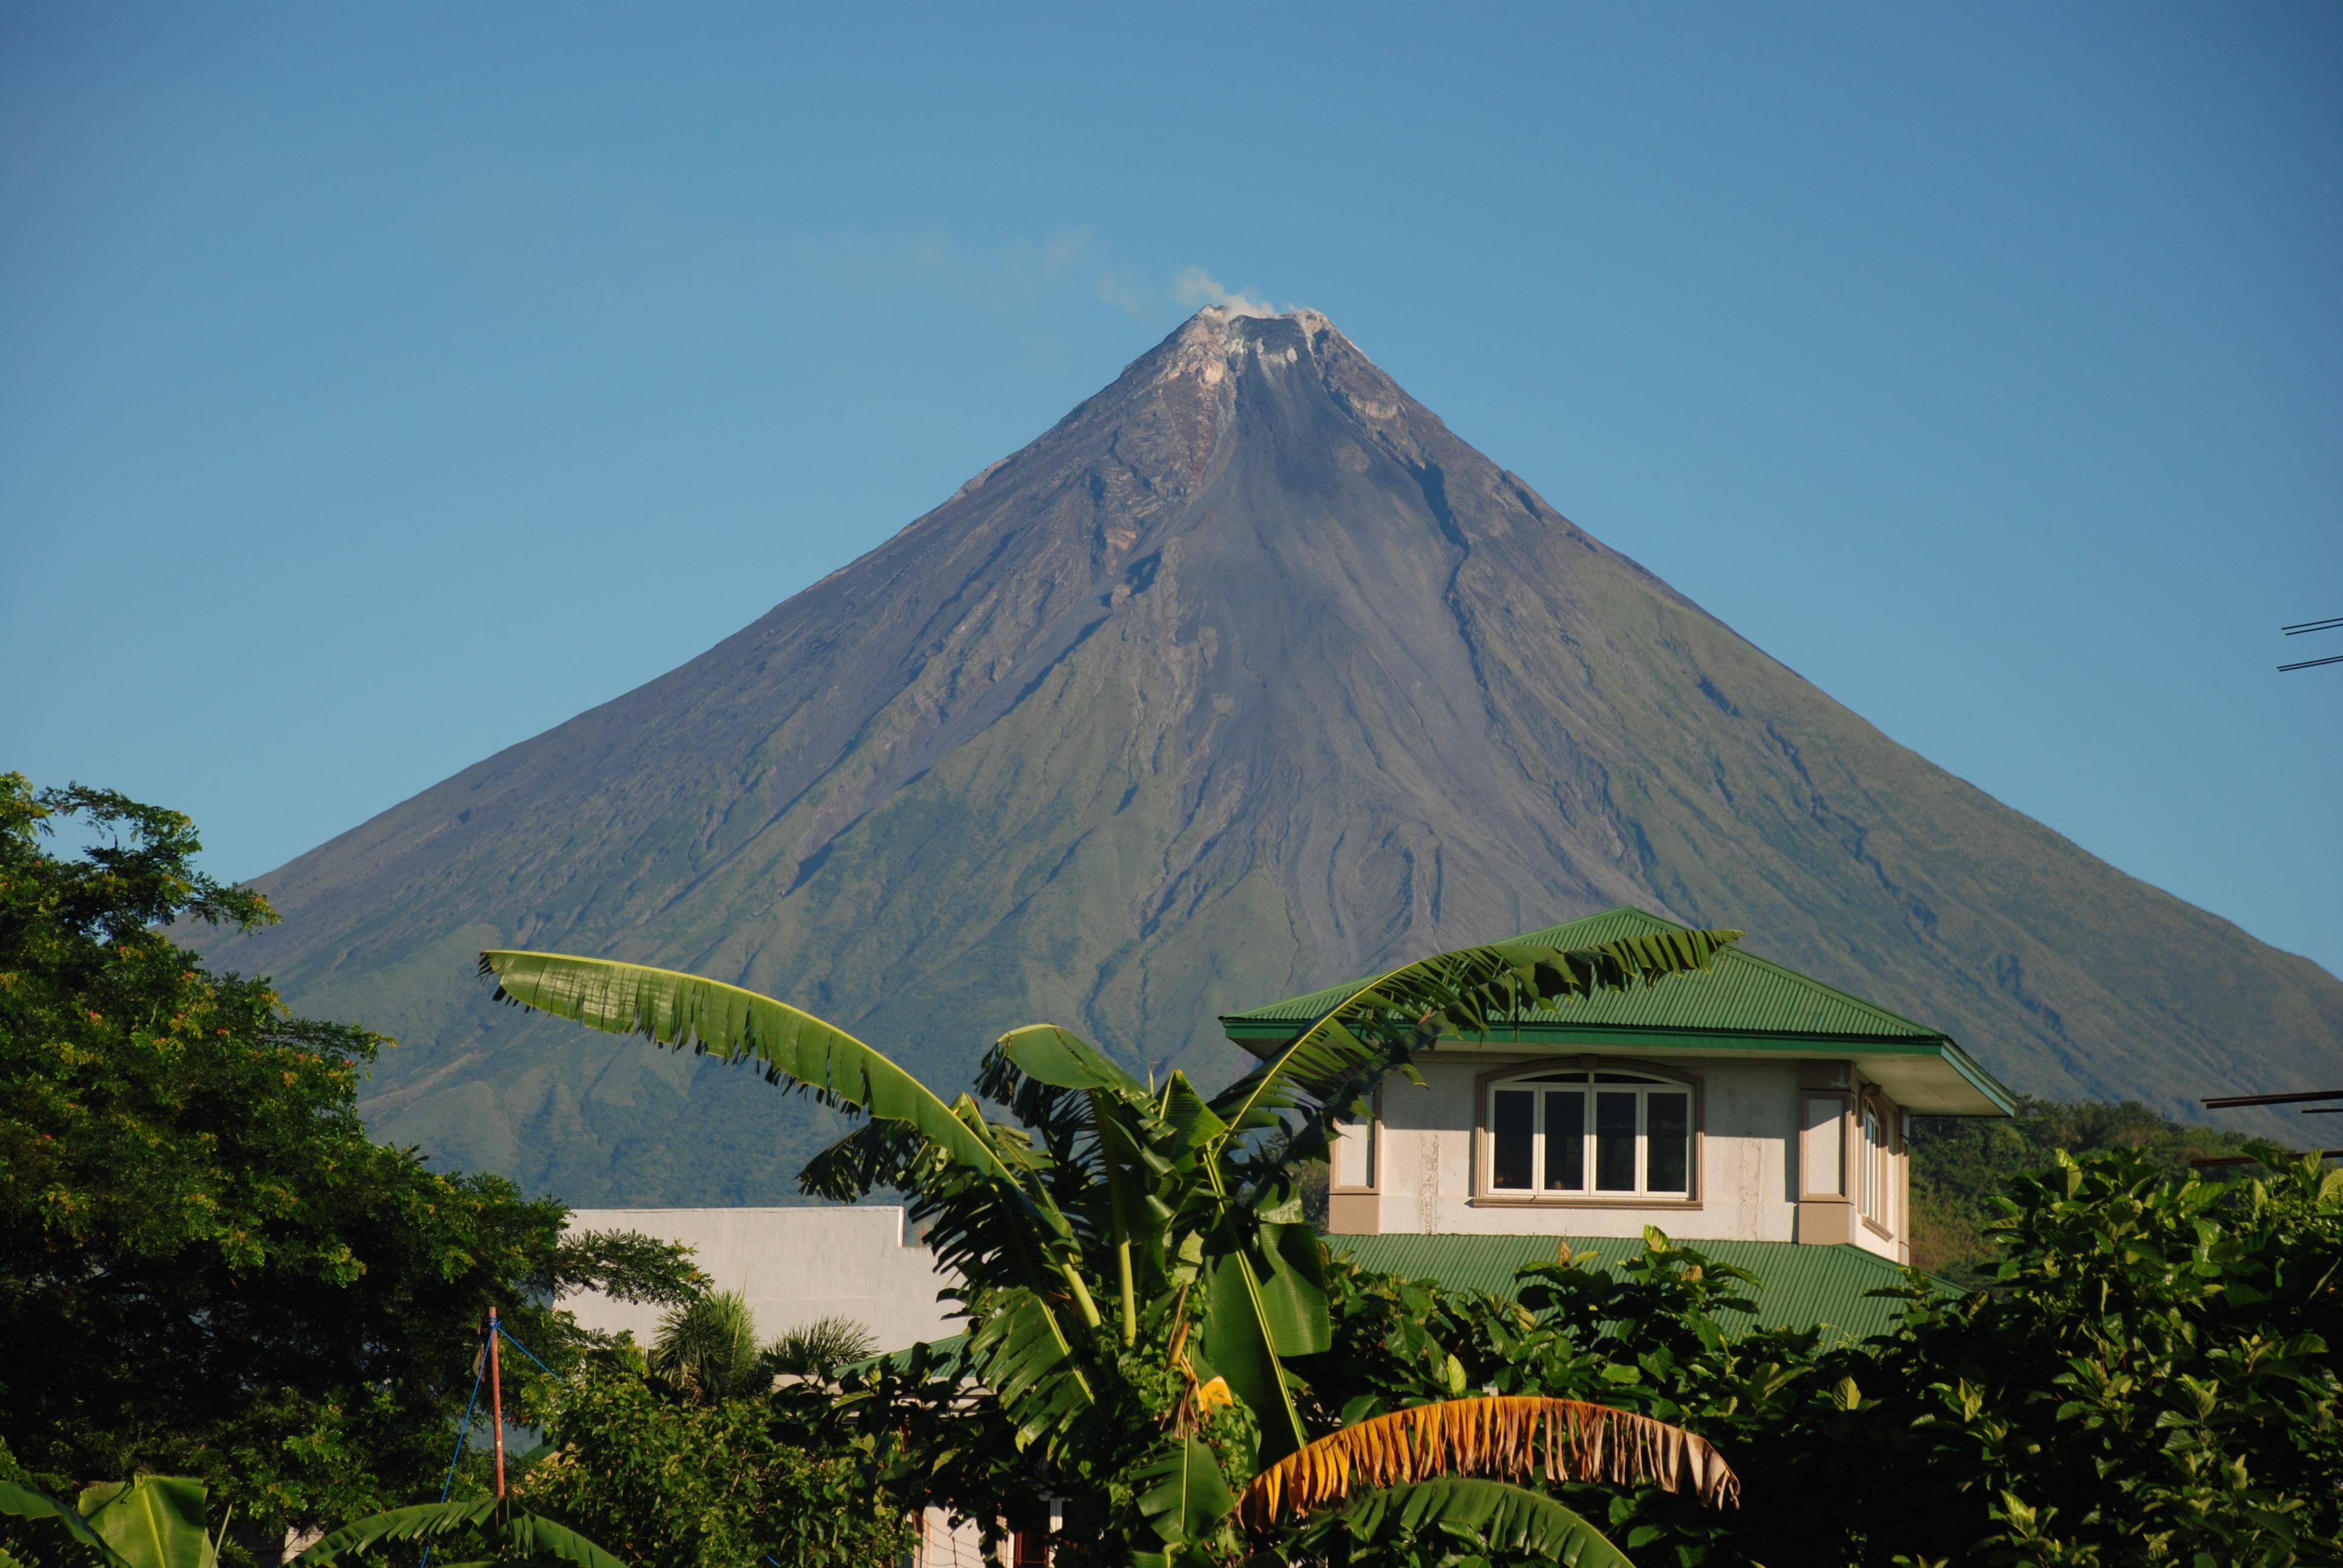 Mayón volcano, Bicol region, Philippines. Oct 2016